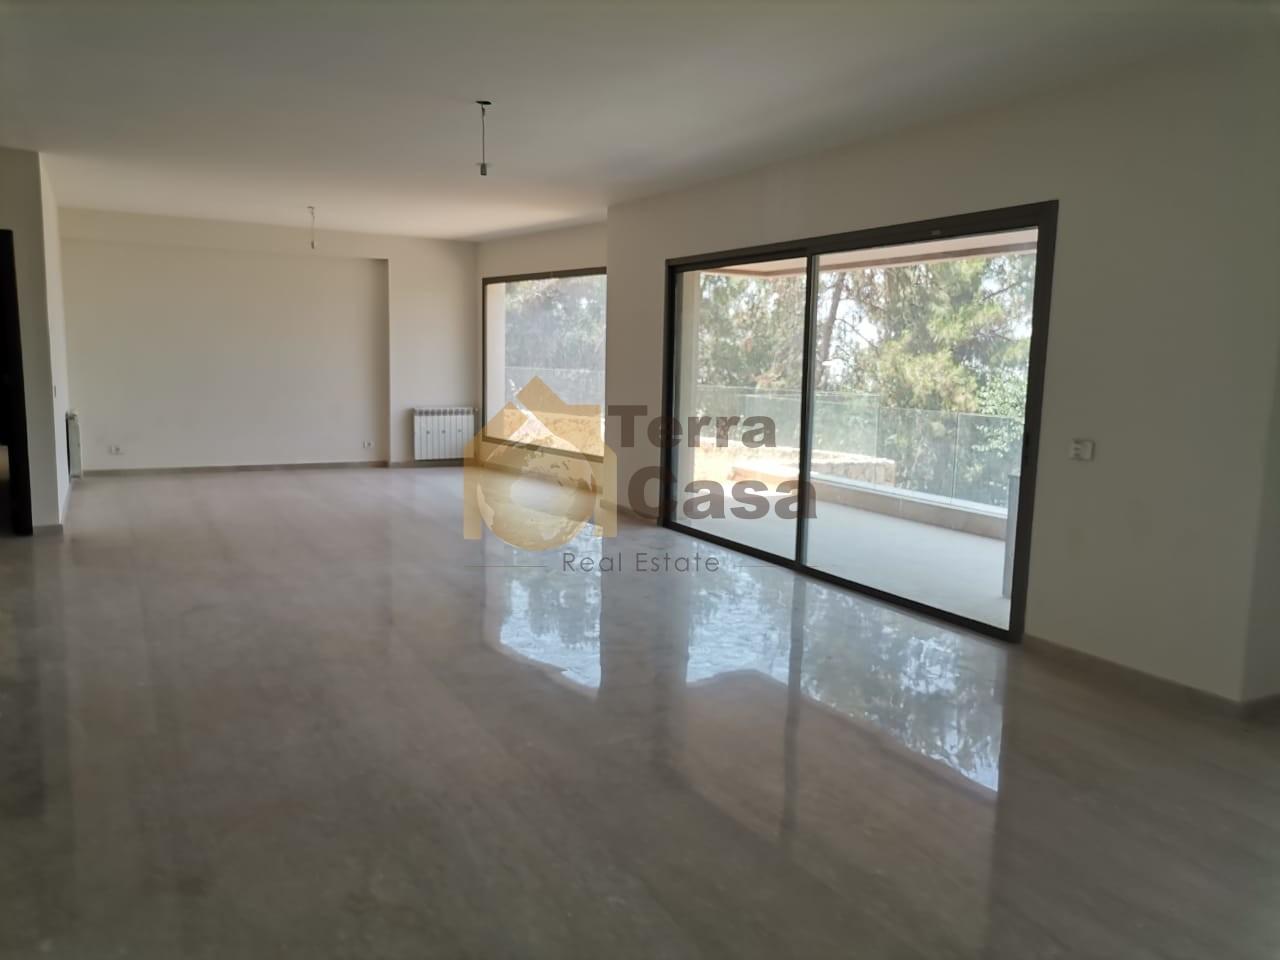 luxurious apartment 180 sqm terrace cash payment.